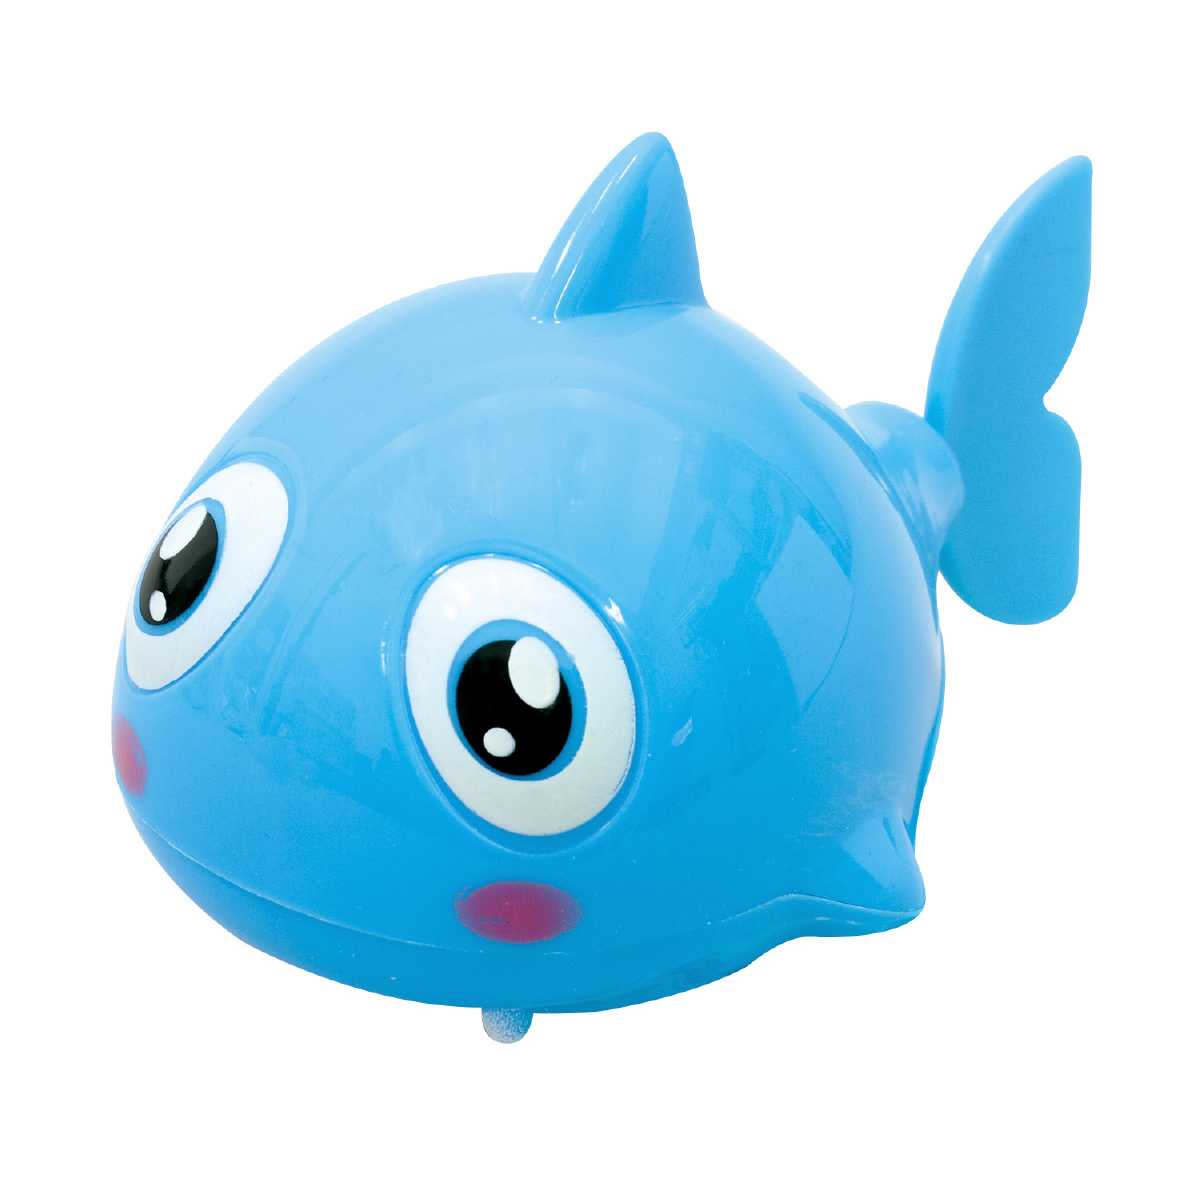 お風呂 おもちゃ おさかなちゃぷちゃぷ 魚 泳ぐ キッズ 子供 水遊び 浮き具 景品 知育玩具 クリスマスプレゼント